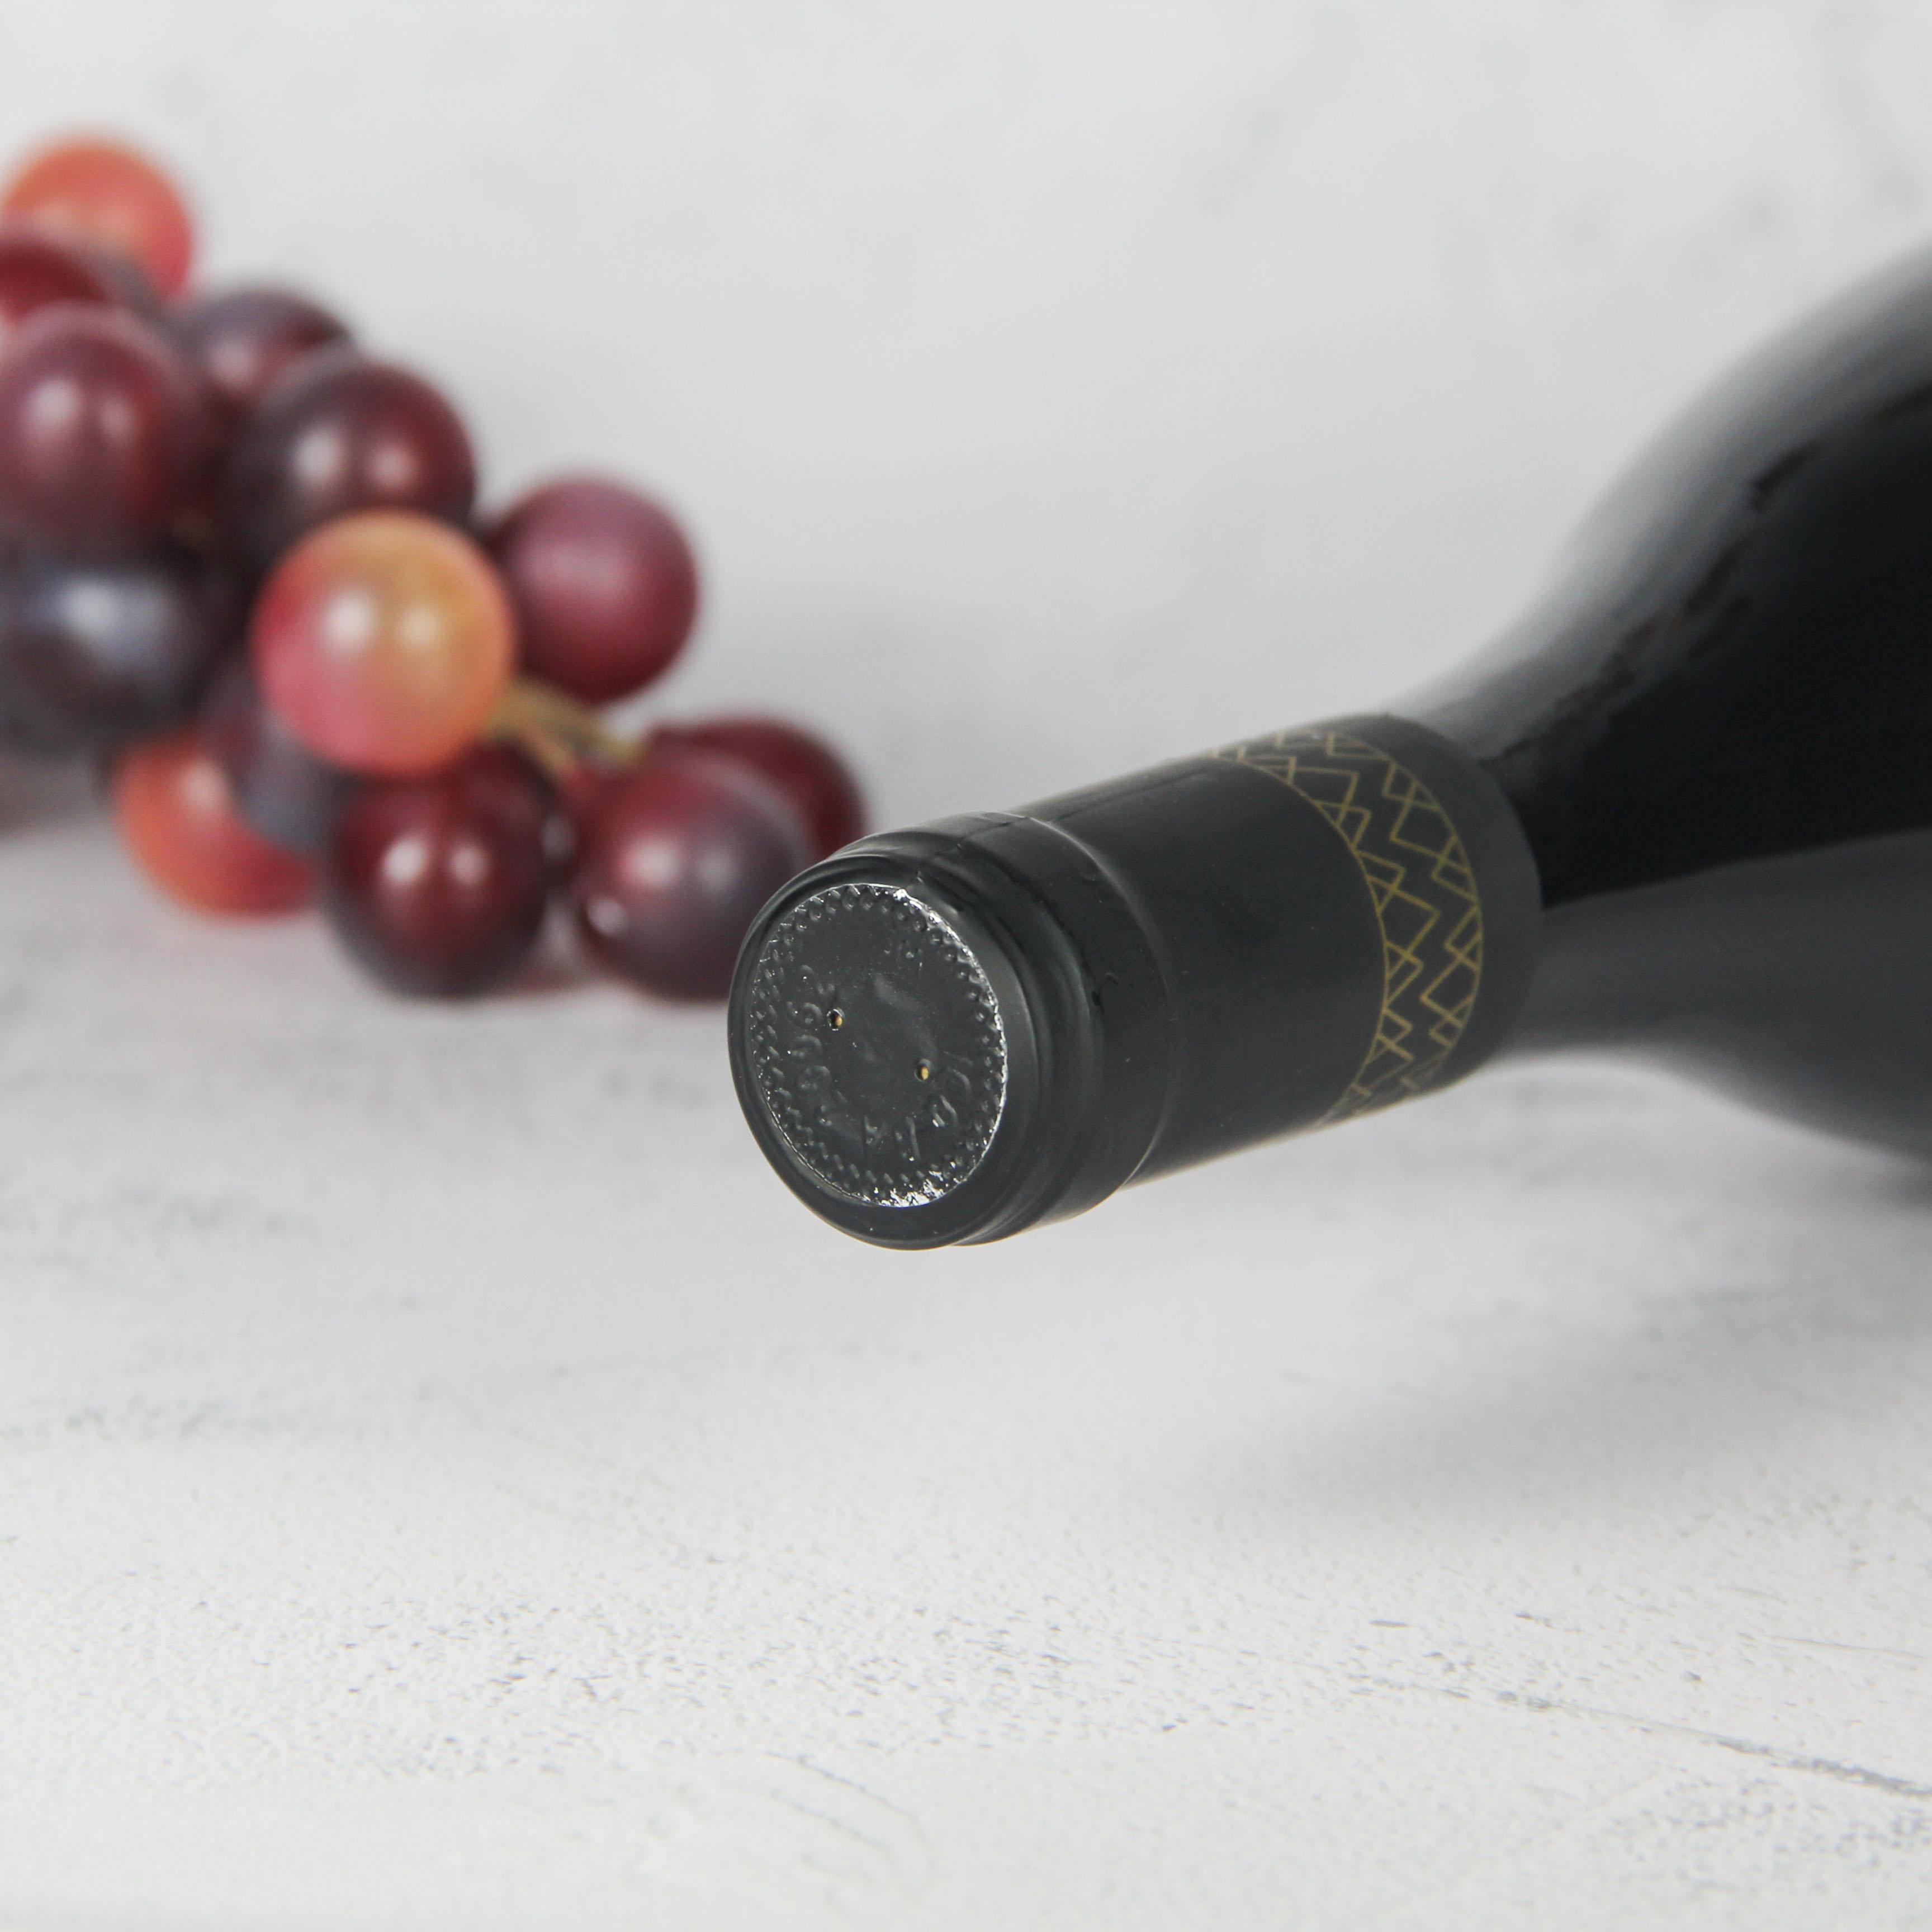 意大利普里亚阿尔贝亚酒庄风干普利米堤沃葡萄酒红酒